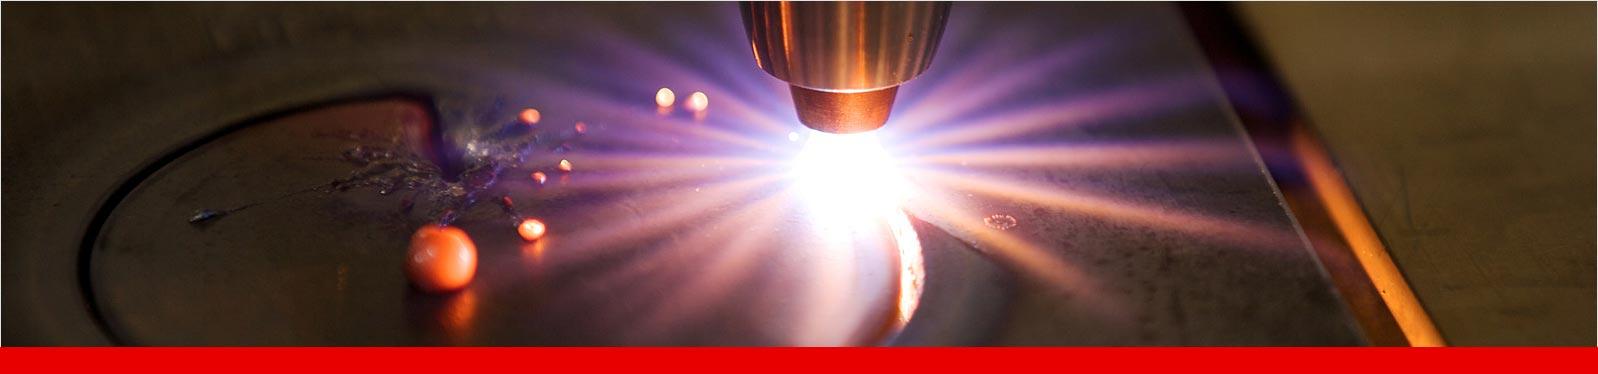 Mithilfe eines Plasmaschneidgeräts wird ein Lichtbogen erzeugt, der sämtliche Metalle zerschneidet.